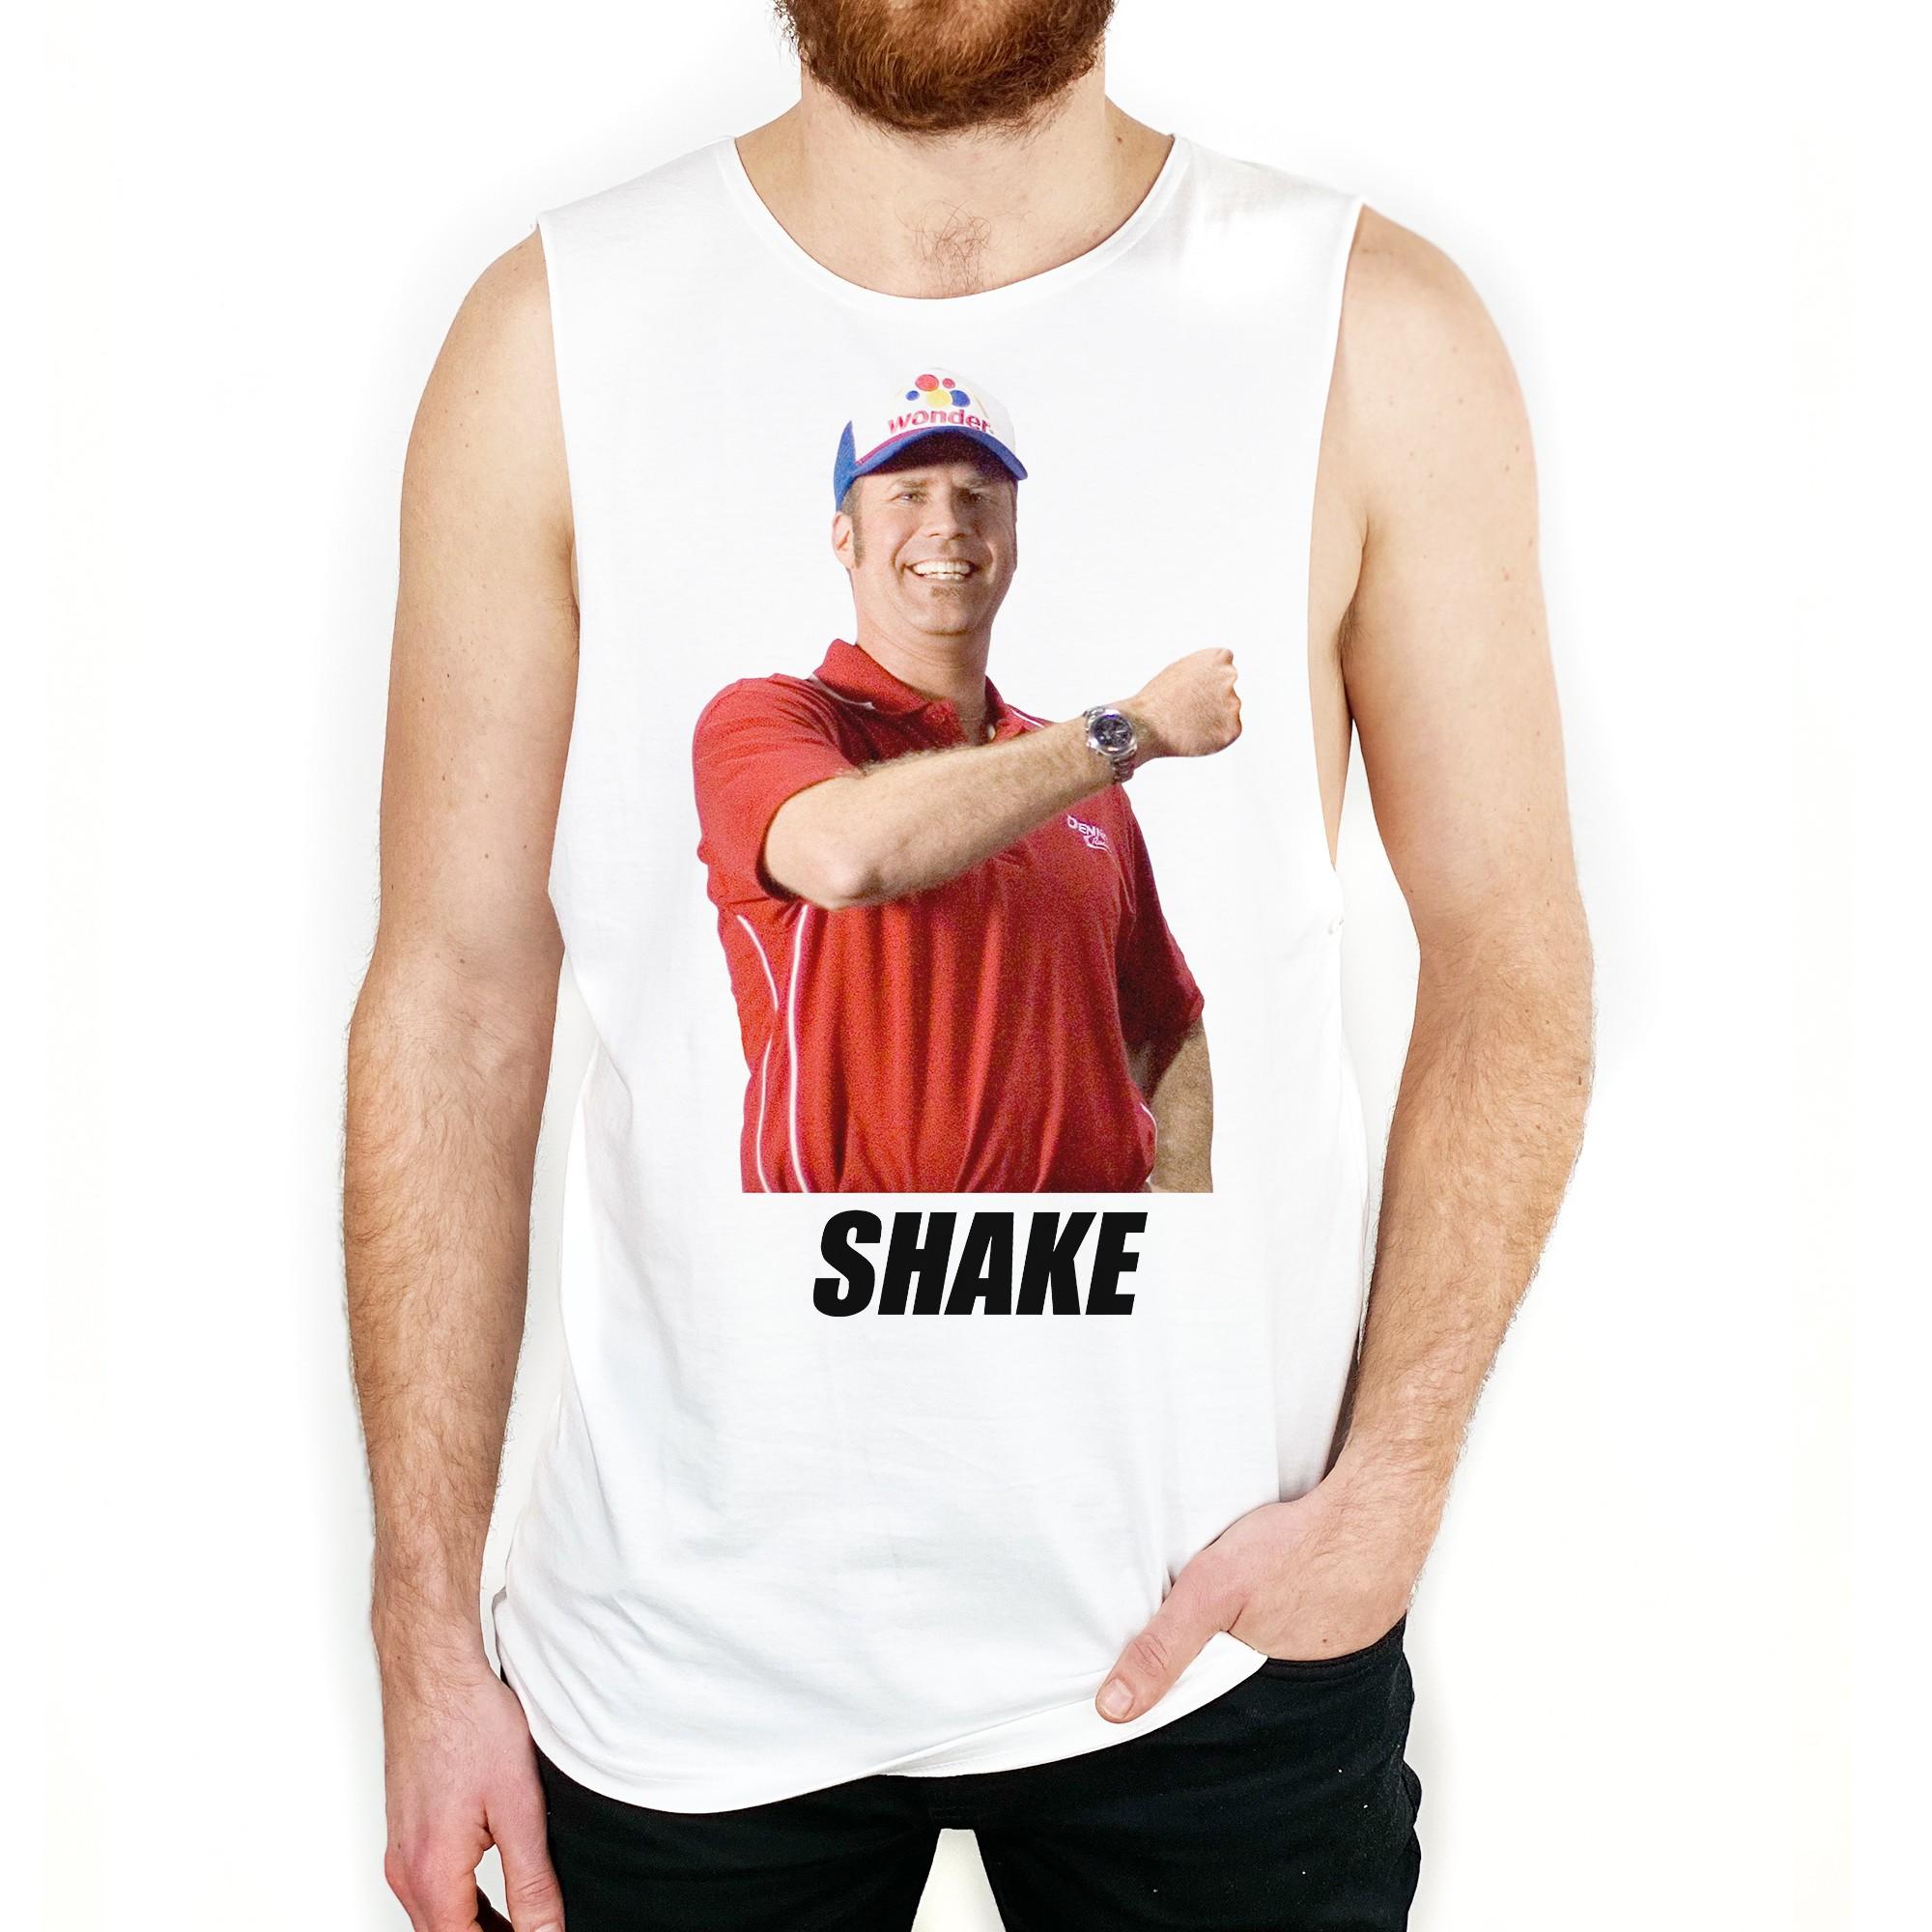 SHAKE TANK